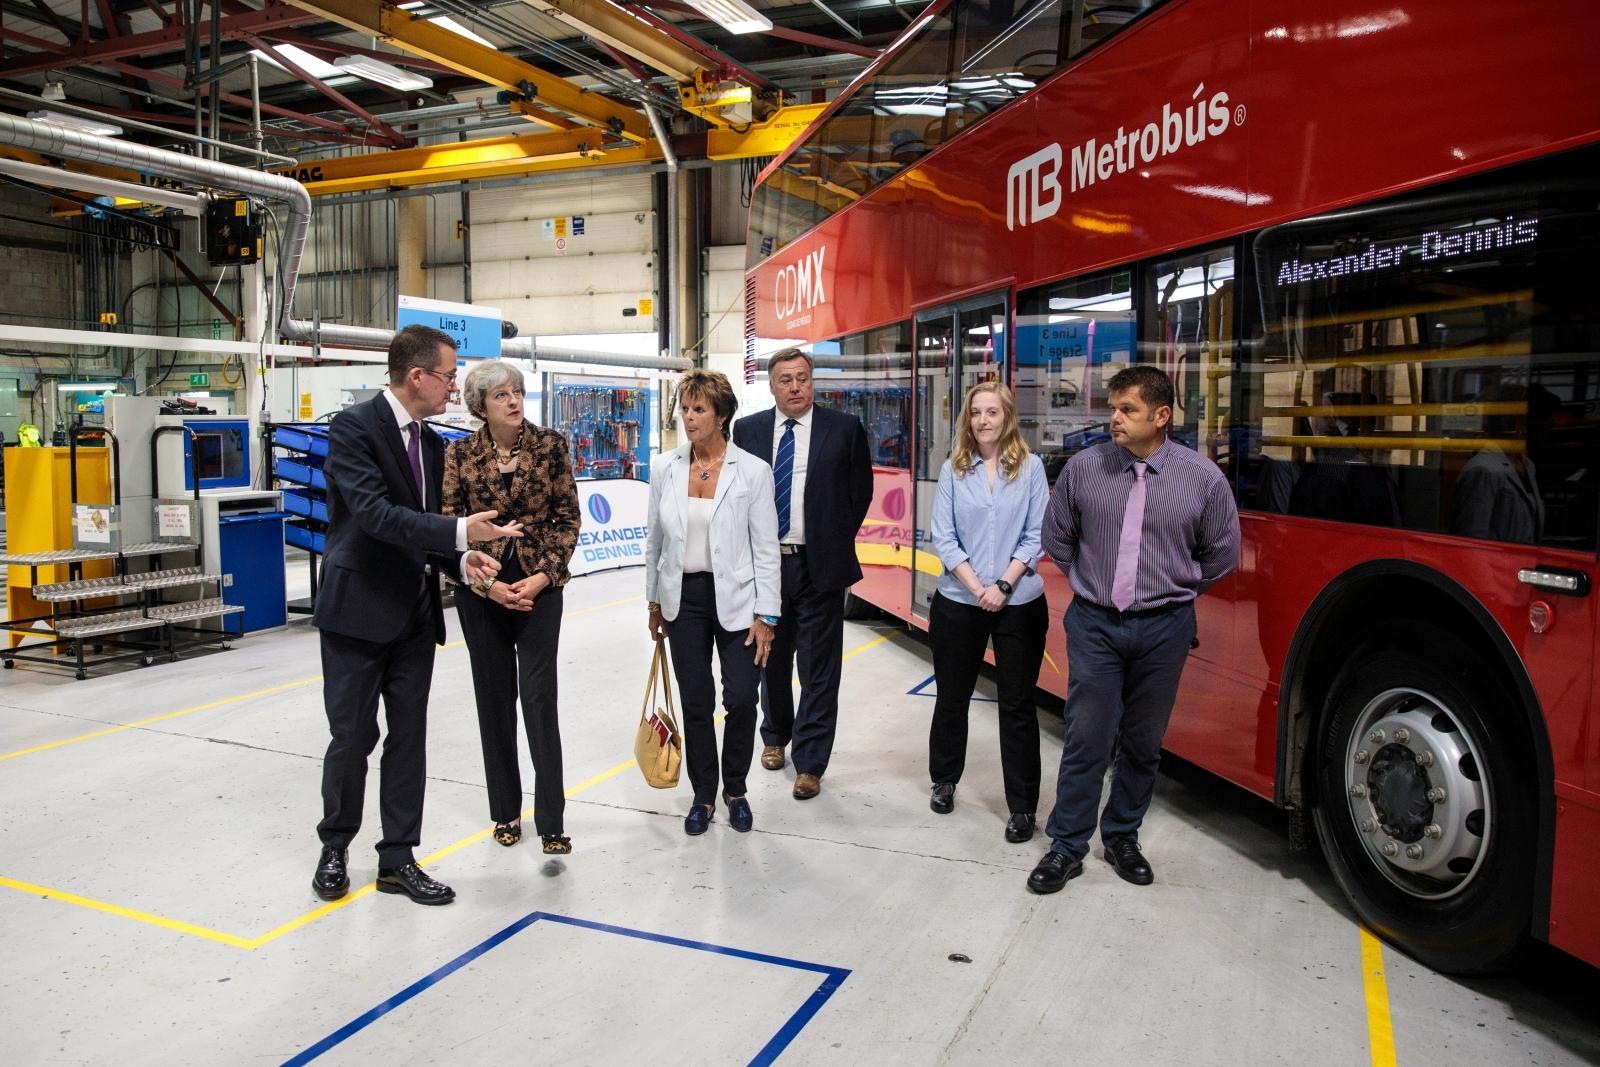 Theresa May London buses